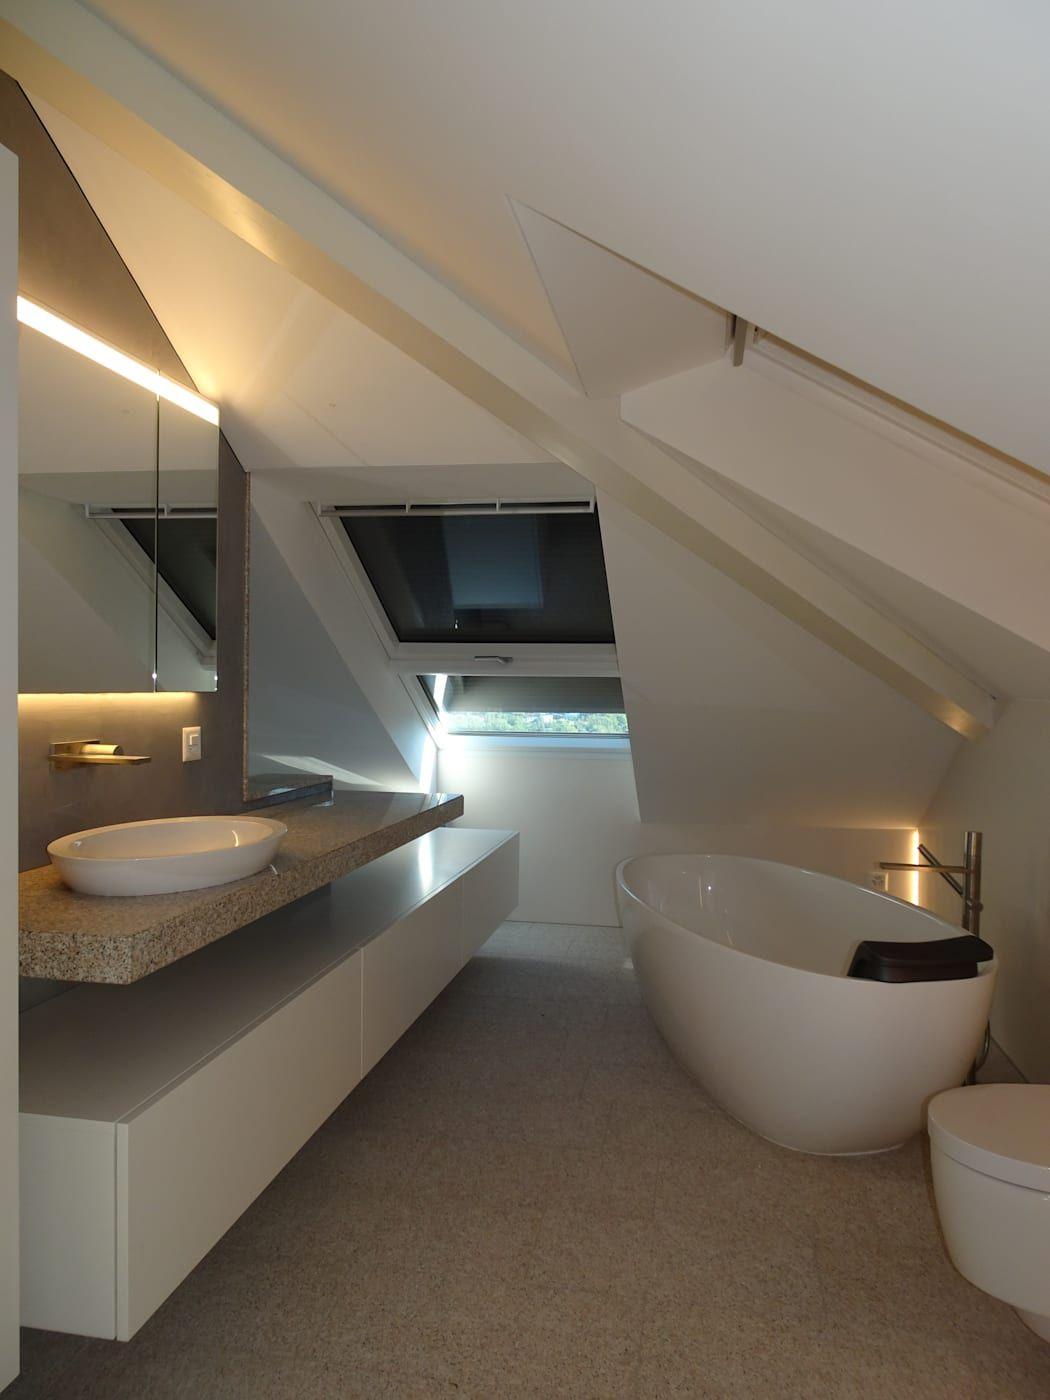 Dachausbau Mit Badezimmer Und Schlafzimmer Moderne Badezimmer Von